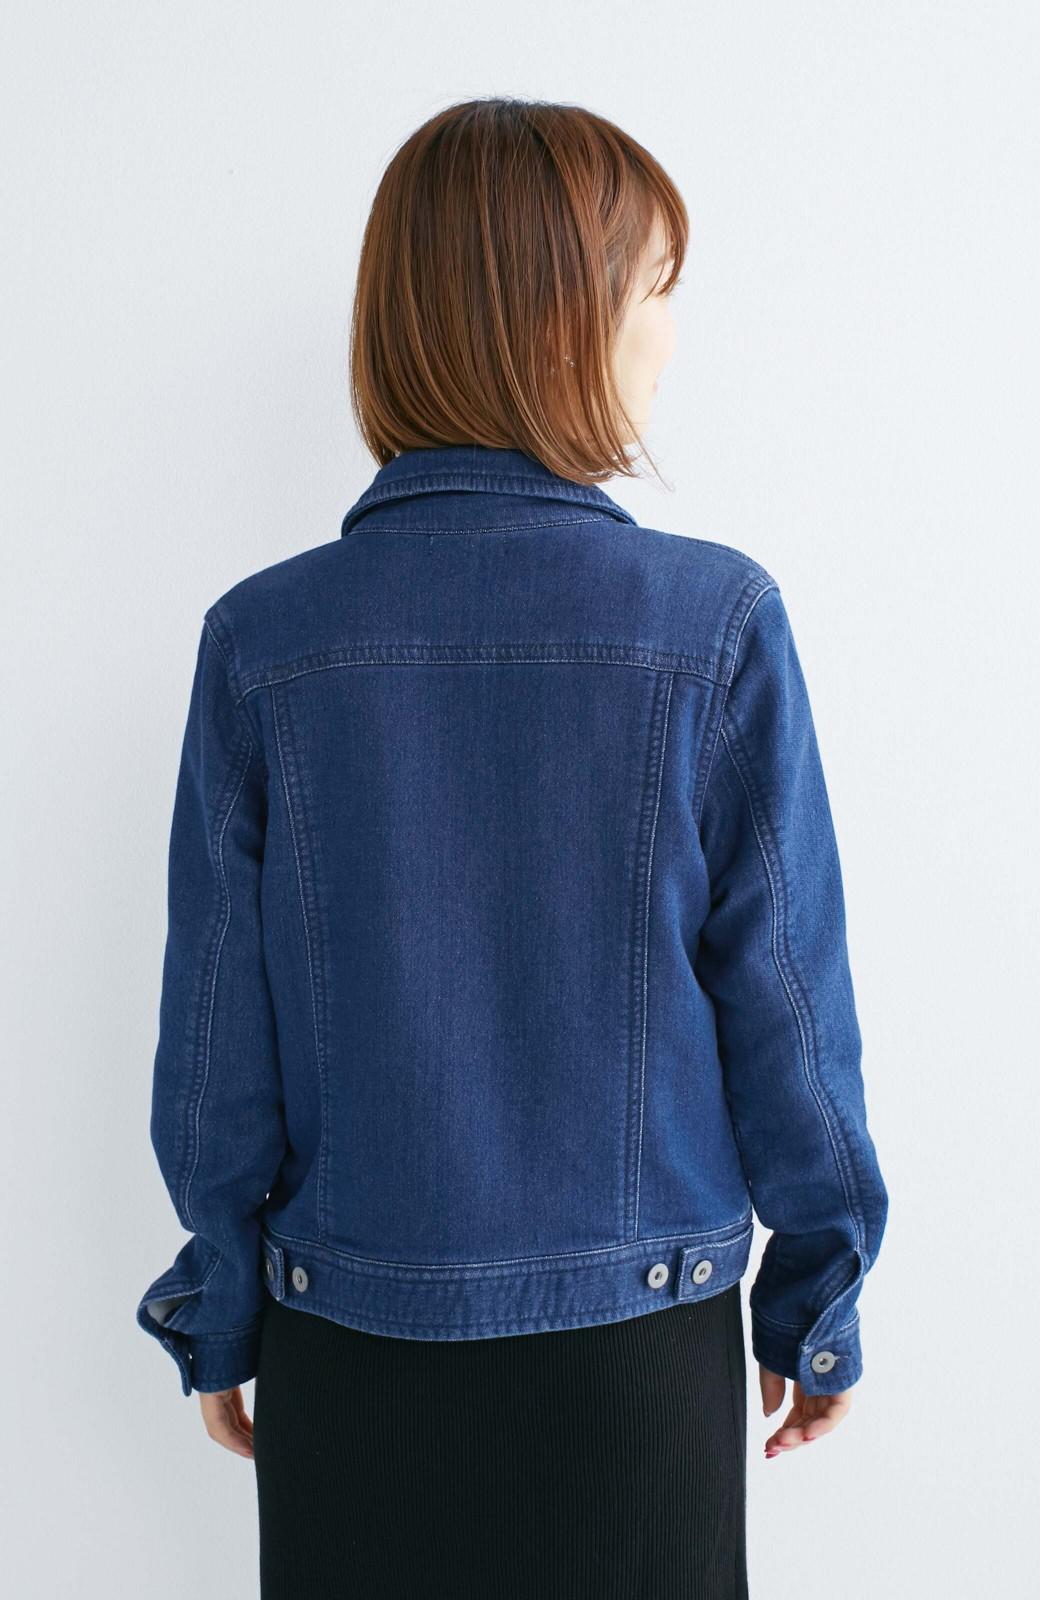 nusy 大人っぽくて動きやすいニットデニムジャケット <インディゴブルー>の商品写真12